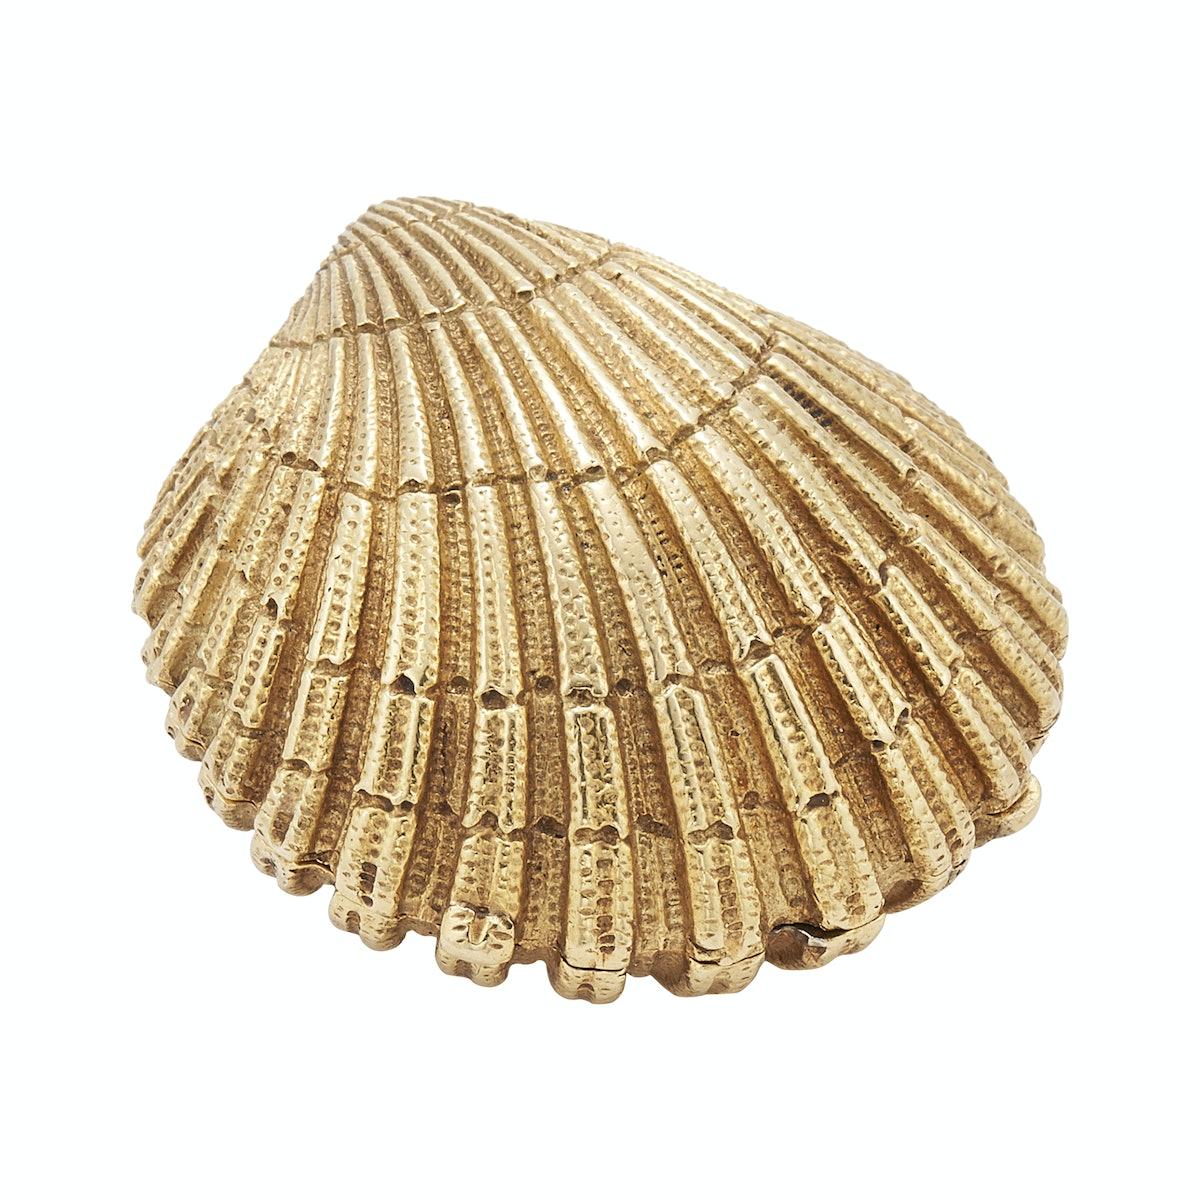 Tiffany & Co. shell pill box